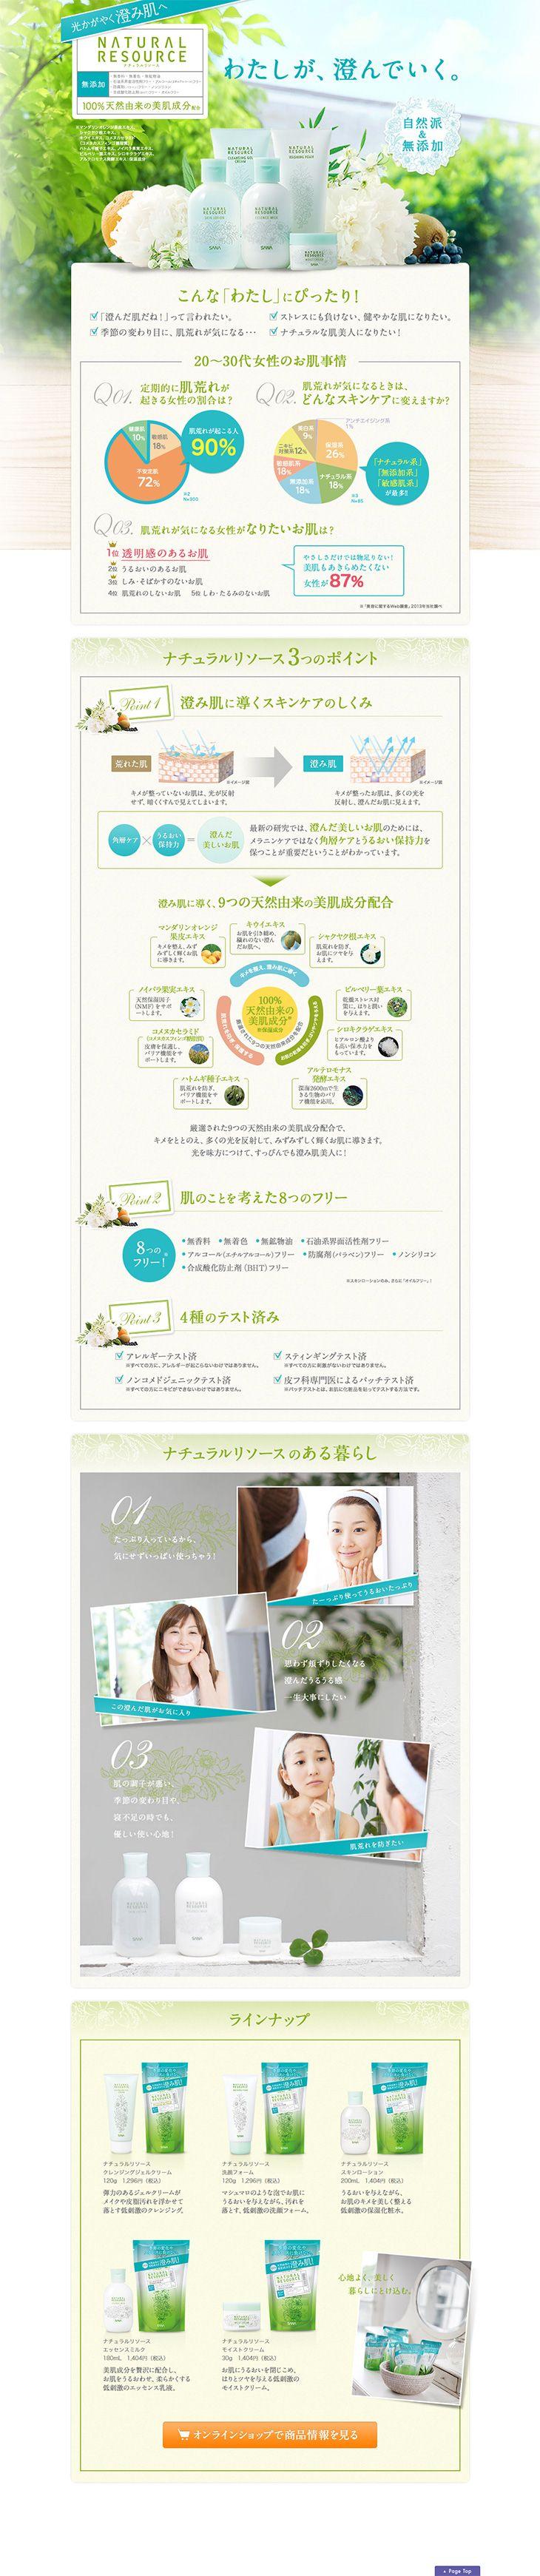 http://www.sana.jp/naturalresource/